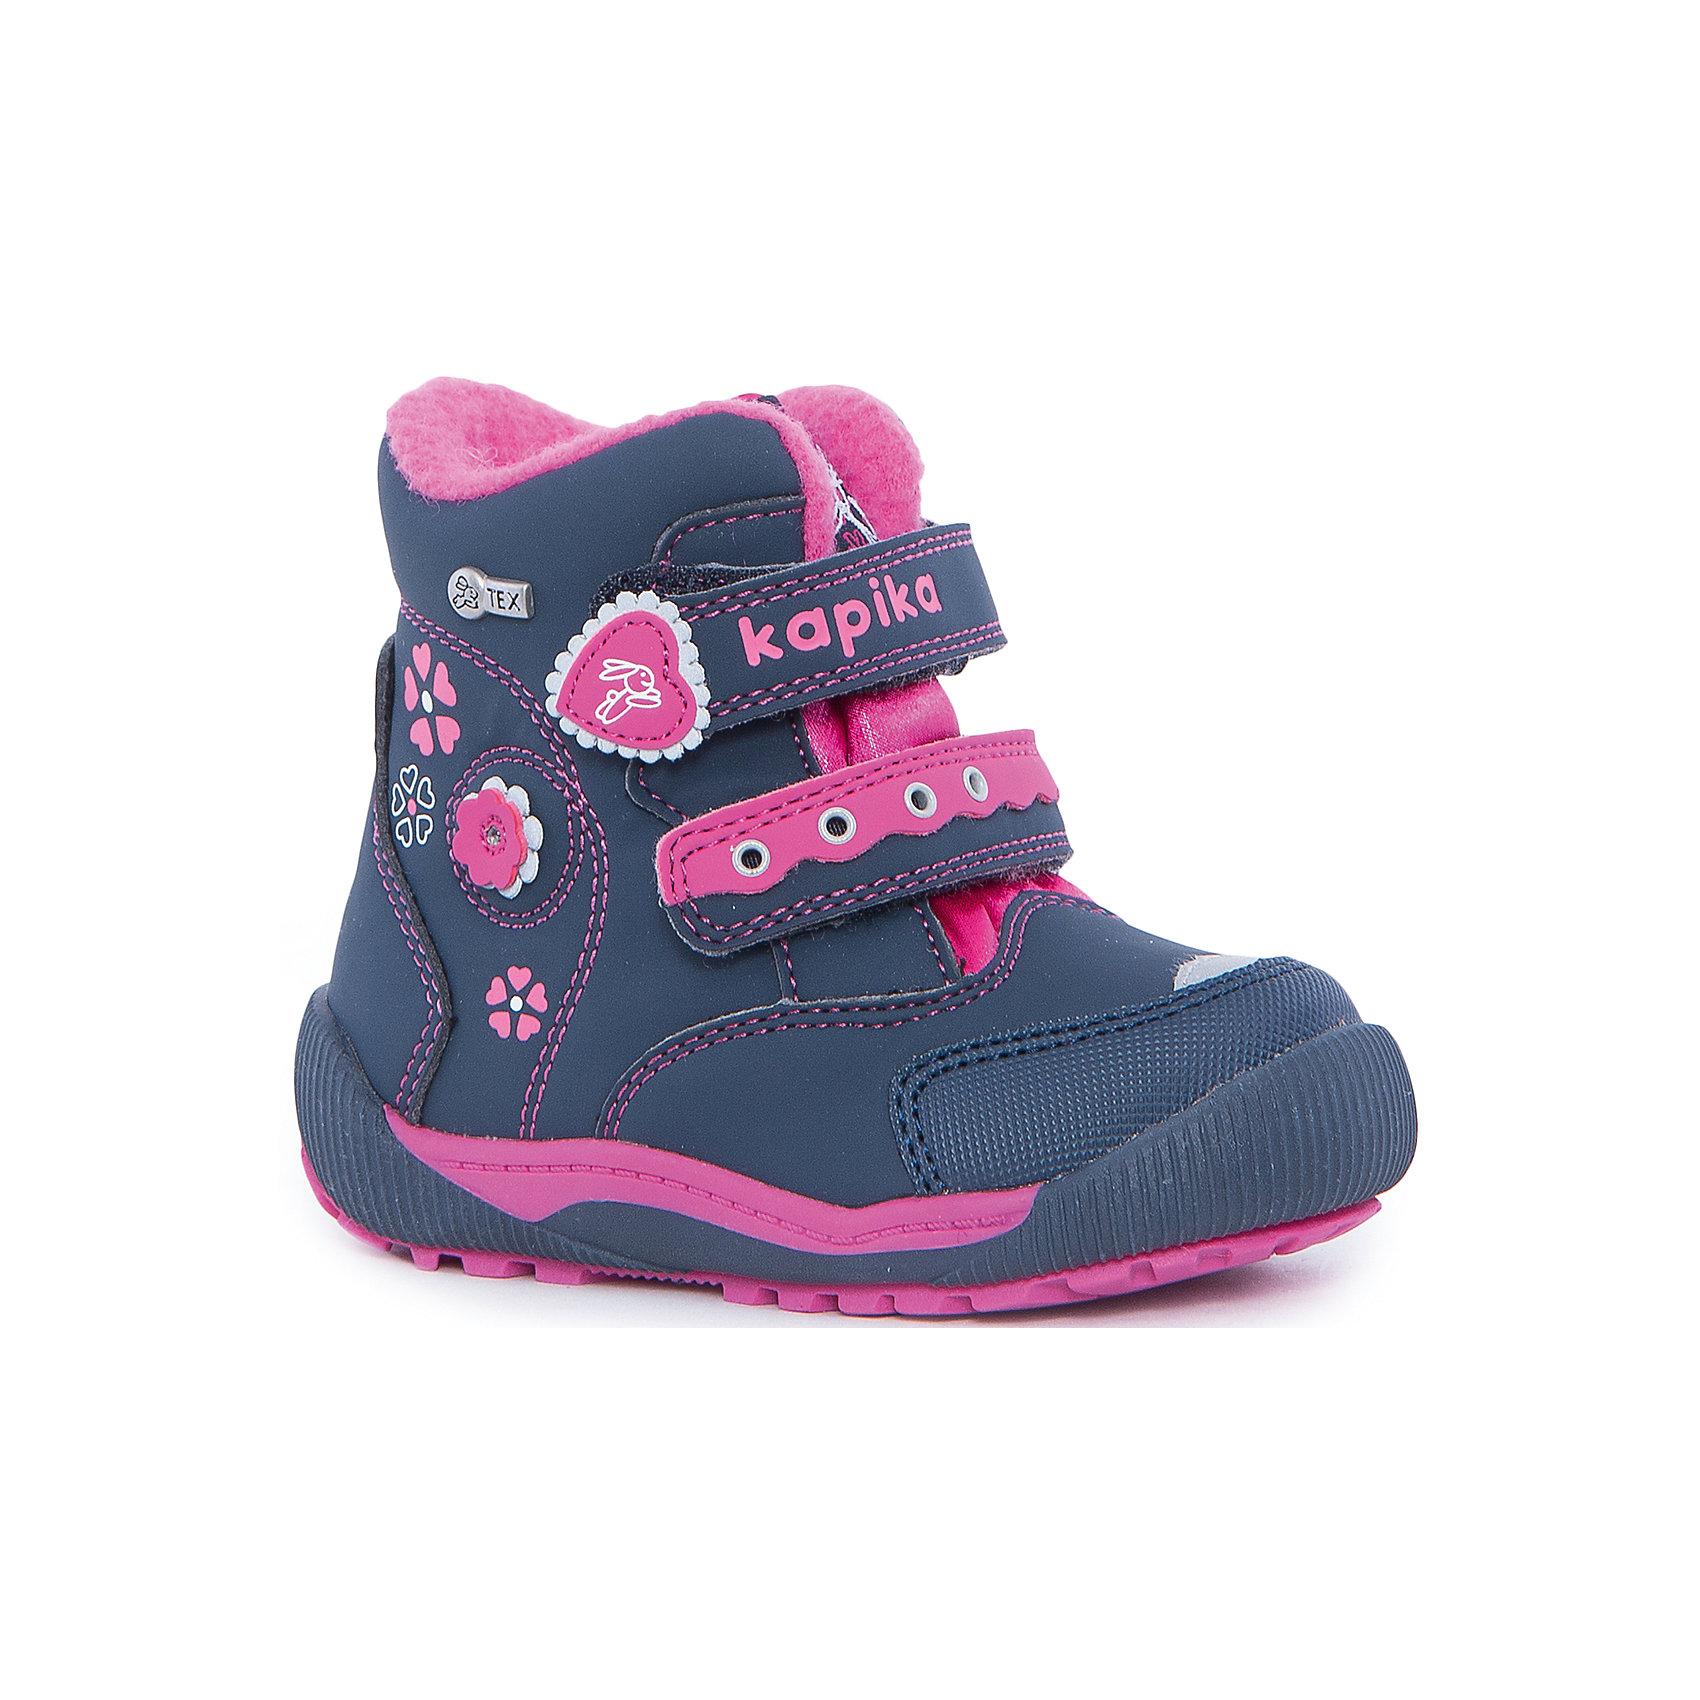 Ботинки для девочки KAPIKAОбувь для малышей<br>Ботинки для девочки KAPIKA.<br><br>Температурный режим: до -20 градусов. Степень утепления – средняя.<br><br>* Температурный режим указан приблизительно — необходимо, прежде всего, ориентироваться на ощущения ребенка. <br><br>Ботинки отлично подойдут для прогулок в холодное время года. С ними прогулки вашей малышки станут еще интереснее и удобнее,ведь они не будут натирать и сковывать движение. Порадуйте себя и свою малышку  таким замечательным подарком. <br><br>Характеристика:<br>-Цвет: синий+розовый<br>-Материал: снаружи- текстиль + искусственная кожа,                       подкладка:текстиль(шерсть 80%)<br>-Застёжка: две липучки<br>-Бренд: KAPIKA(КАПИКА)<br>-Сезон: осень-зима<br><br>Ботинки  для девочки KAPIKA  вы можете приобрести в нашем интернет- магазине.<br><br>Ширина мм: 262<br>Глубина мм: 176<br>Высота мм: 97<br>Вес г: 427<br>Цвет: розовый<br>Возраст от месяцев: 15<br>Возраст до месяцев: 18<br>Пол: Женский<br>Возраст: Детский<br>Размер: 22,26,23,24,25<br>SKU: 4987827